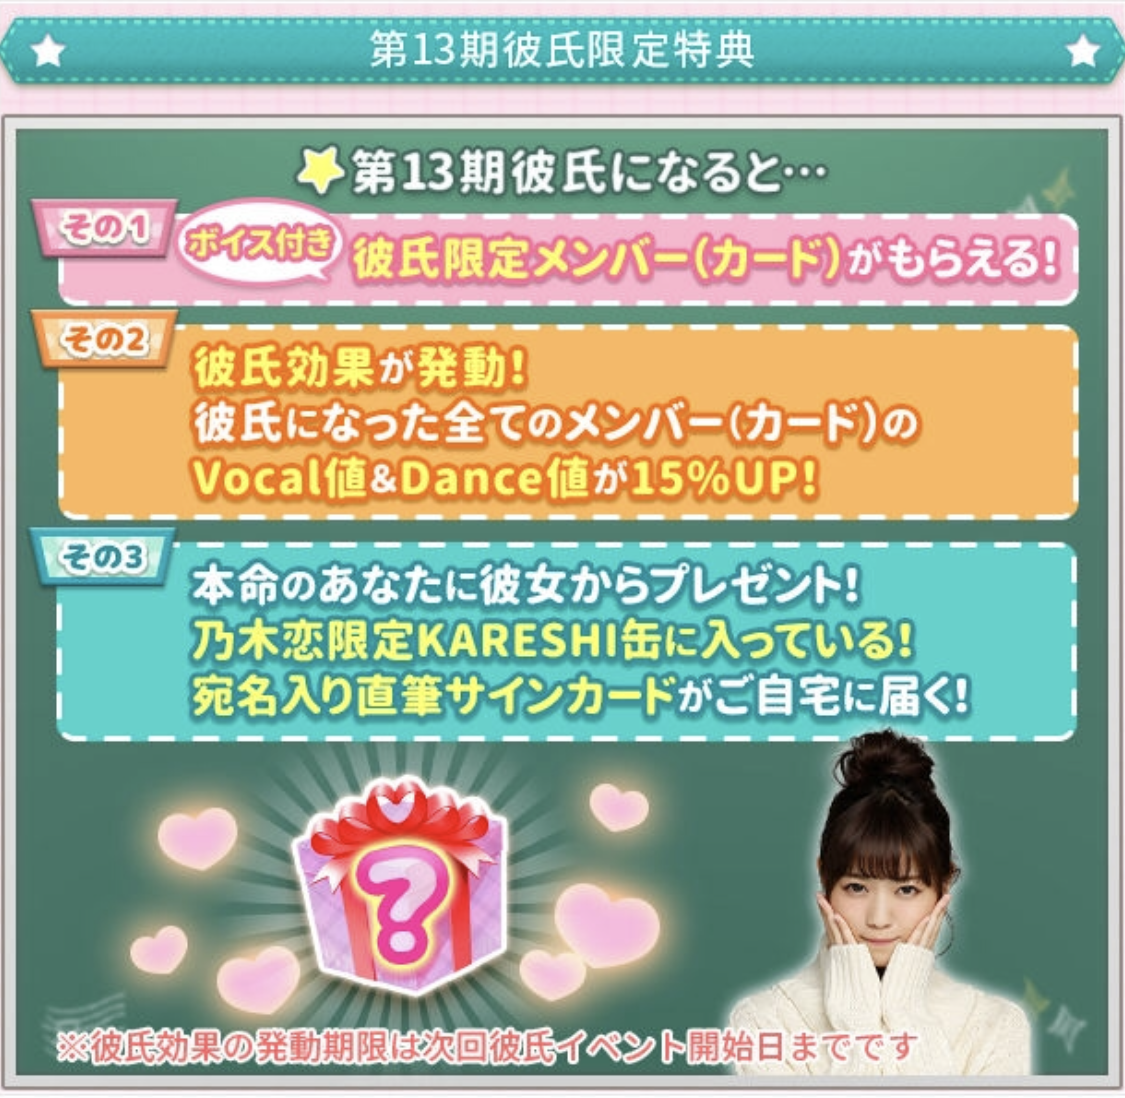 【乃木恋】彼氏イベント攻略!無課金でもリアル報酬をゲットするためのコツを伝授